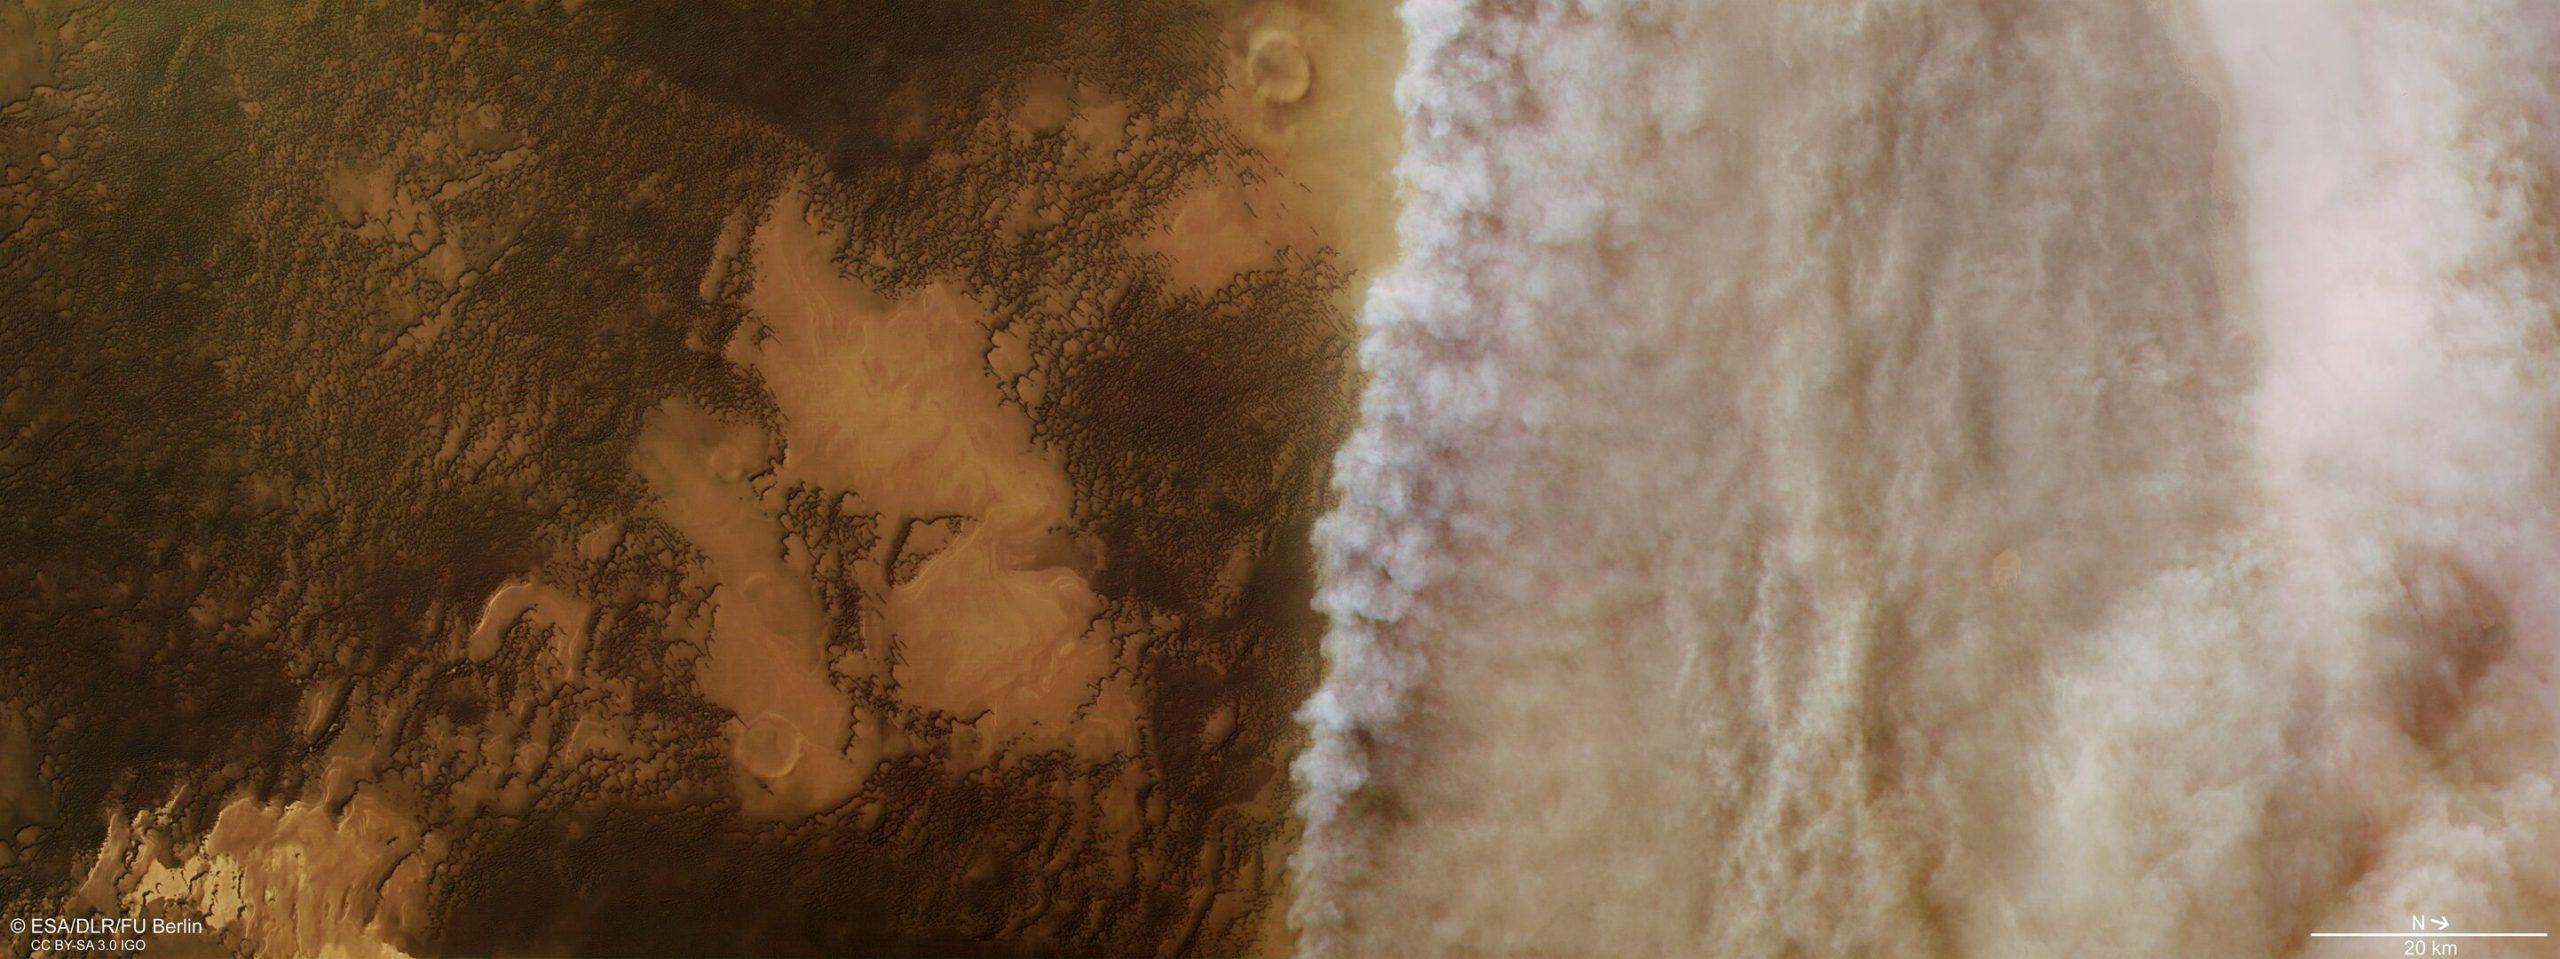 Satélite europeu descobre perda de água em Marte